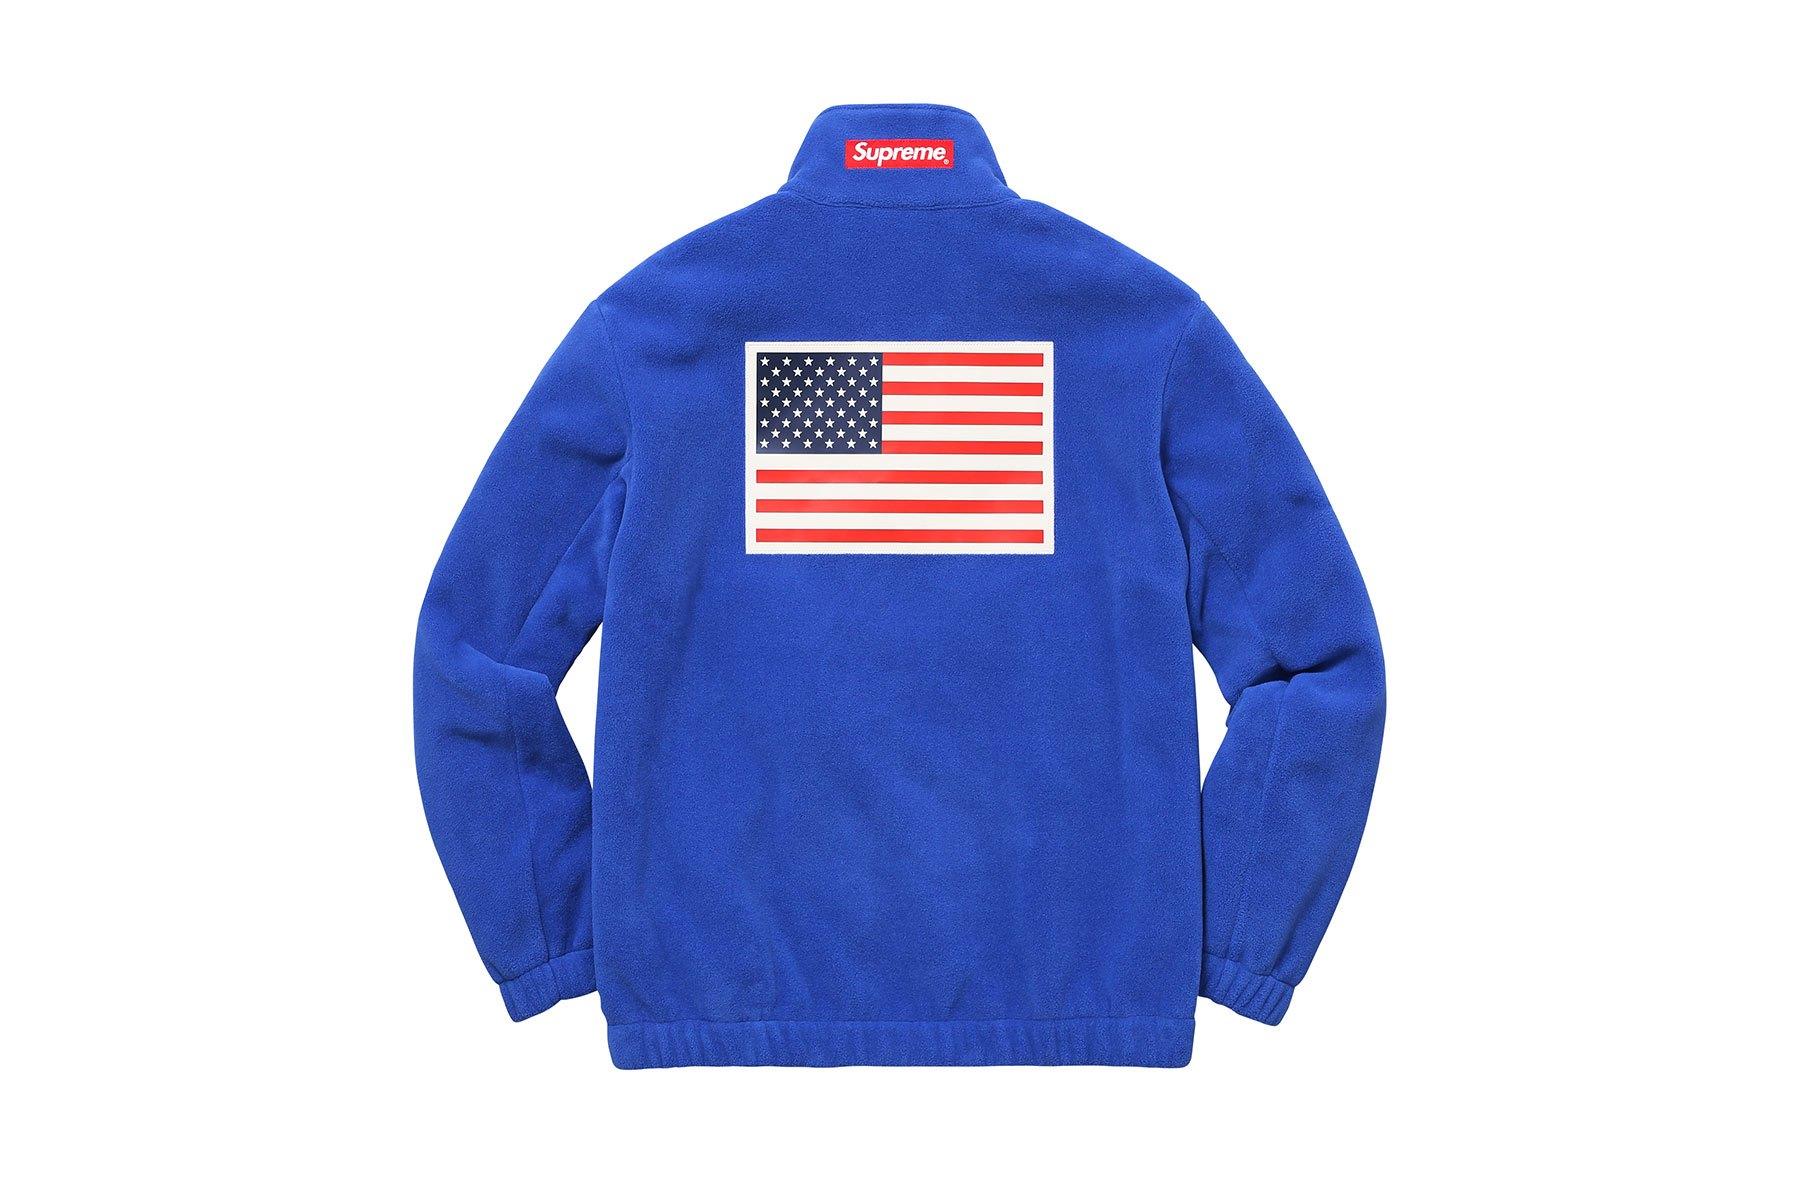 supreme-the-north-face-2017-spring-summer-blue-royal-polartec-fleece-jacket-23